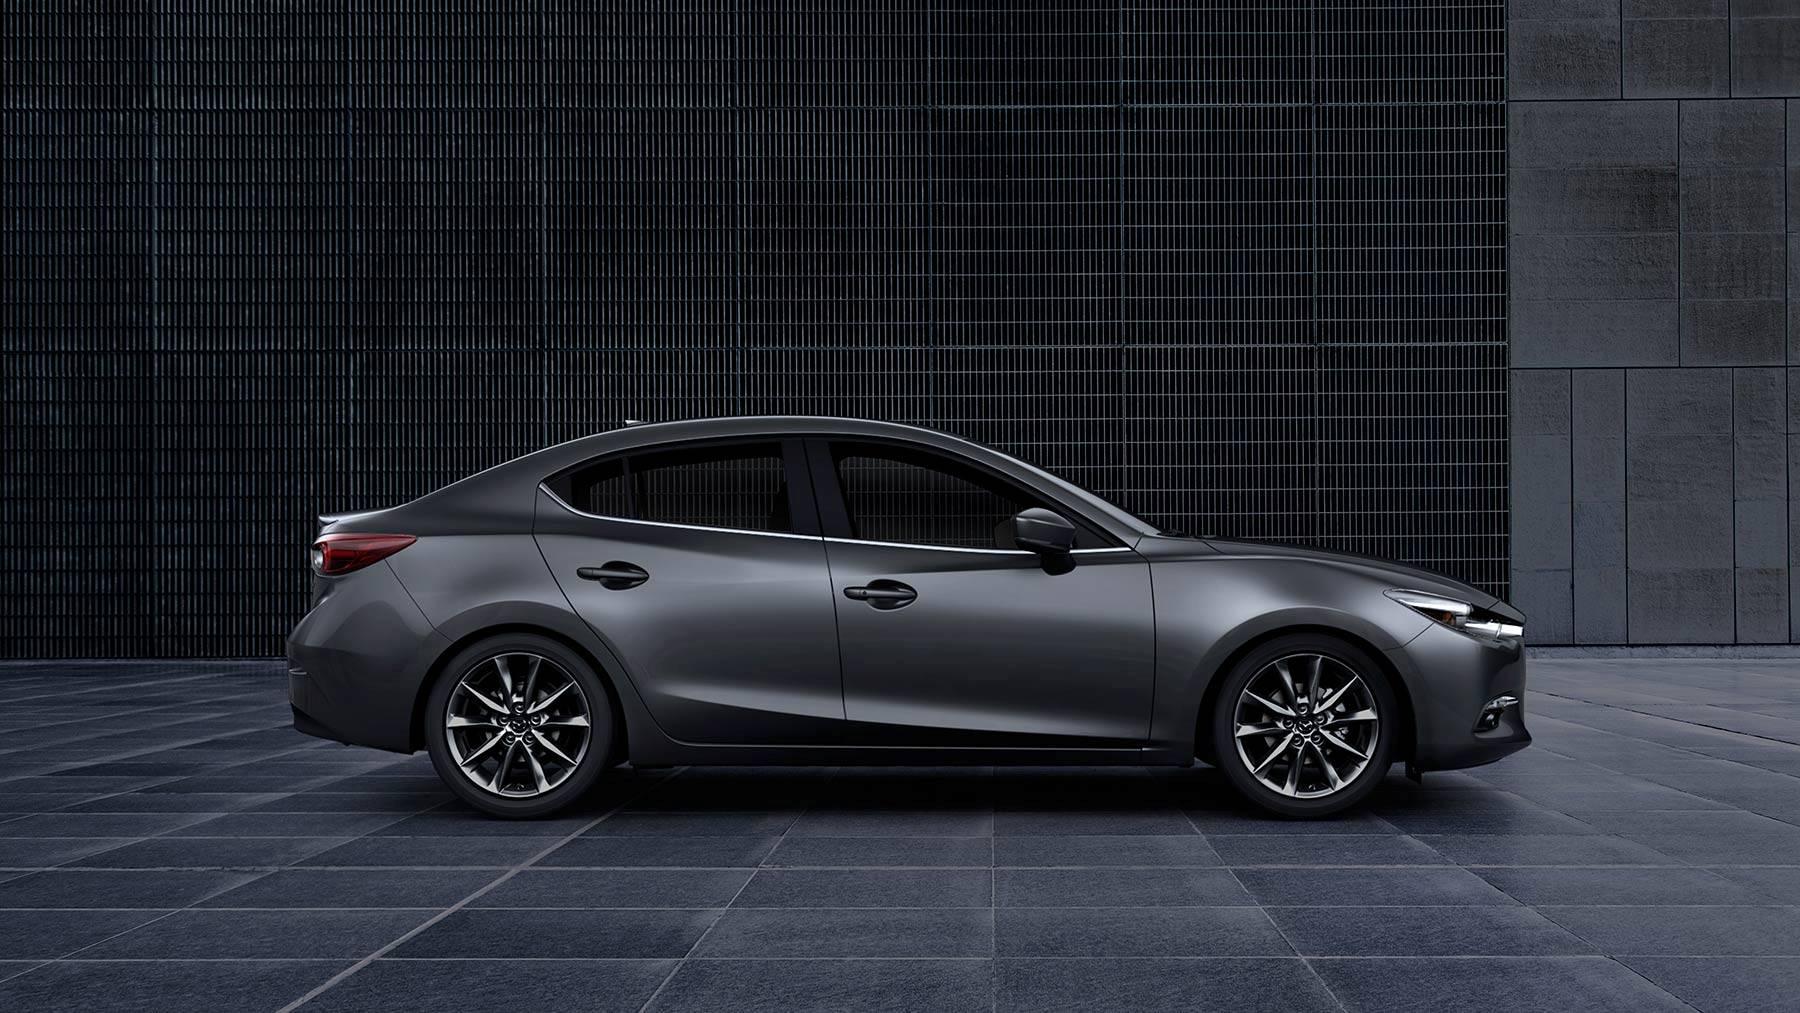 2018 Mazda3 Financing near Lansing, MI